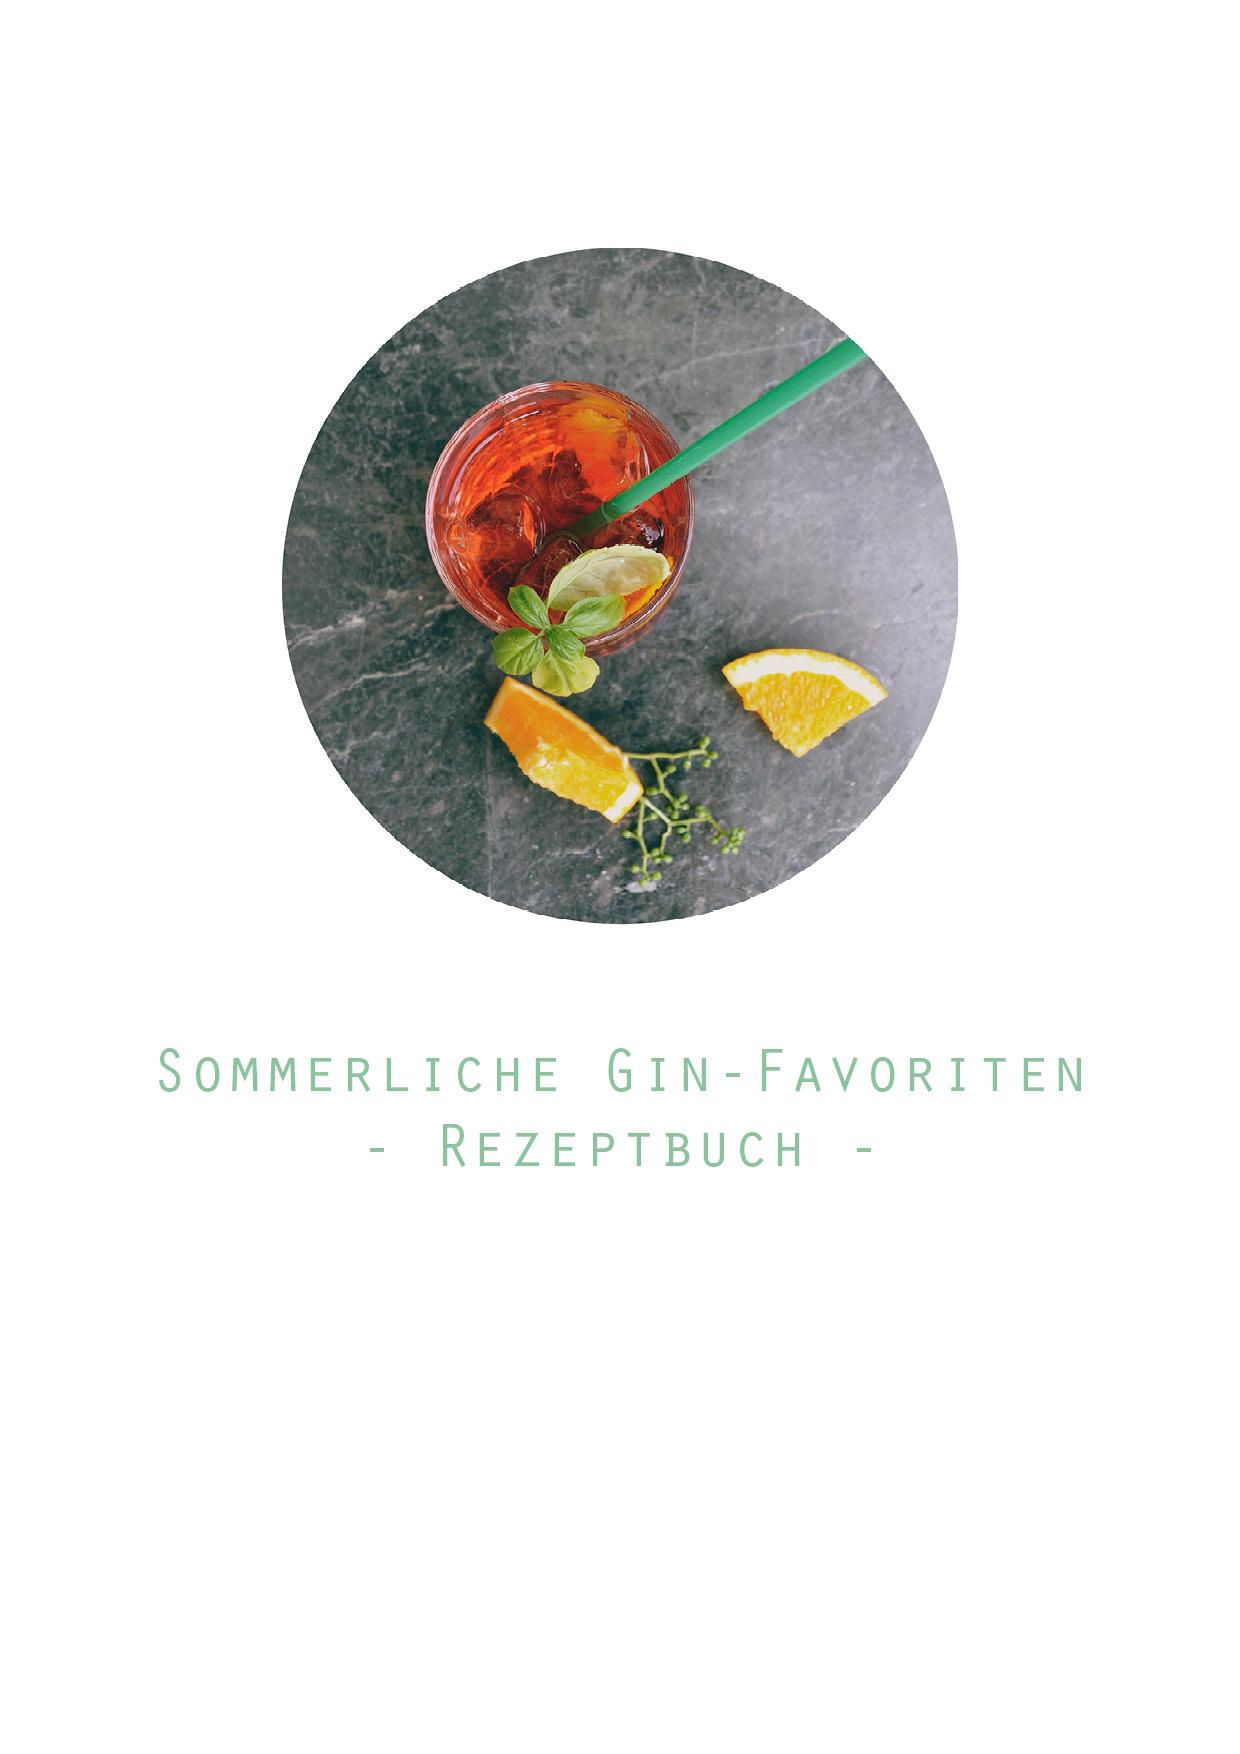 RezeptbuchDEckblatt2